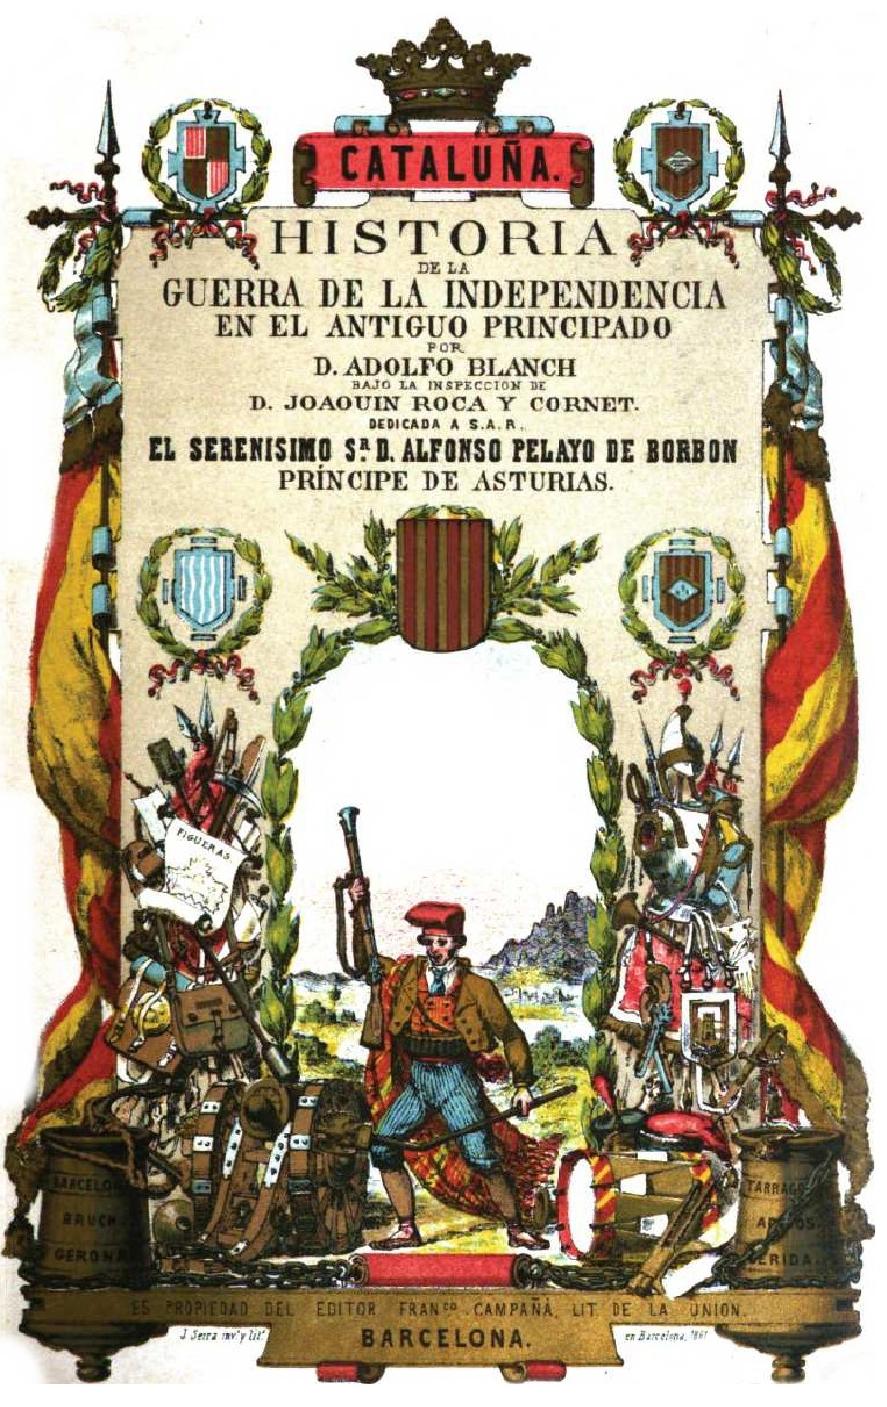 HISTORIA DE LA GUERRA DE LA INDEPENDENCIA EN EL ANTIGUO PRINCIPADO.BARCELONA. 1861